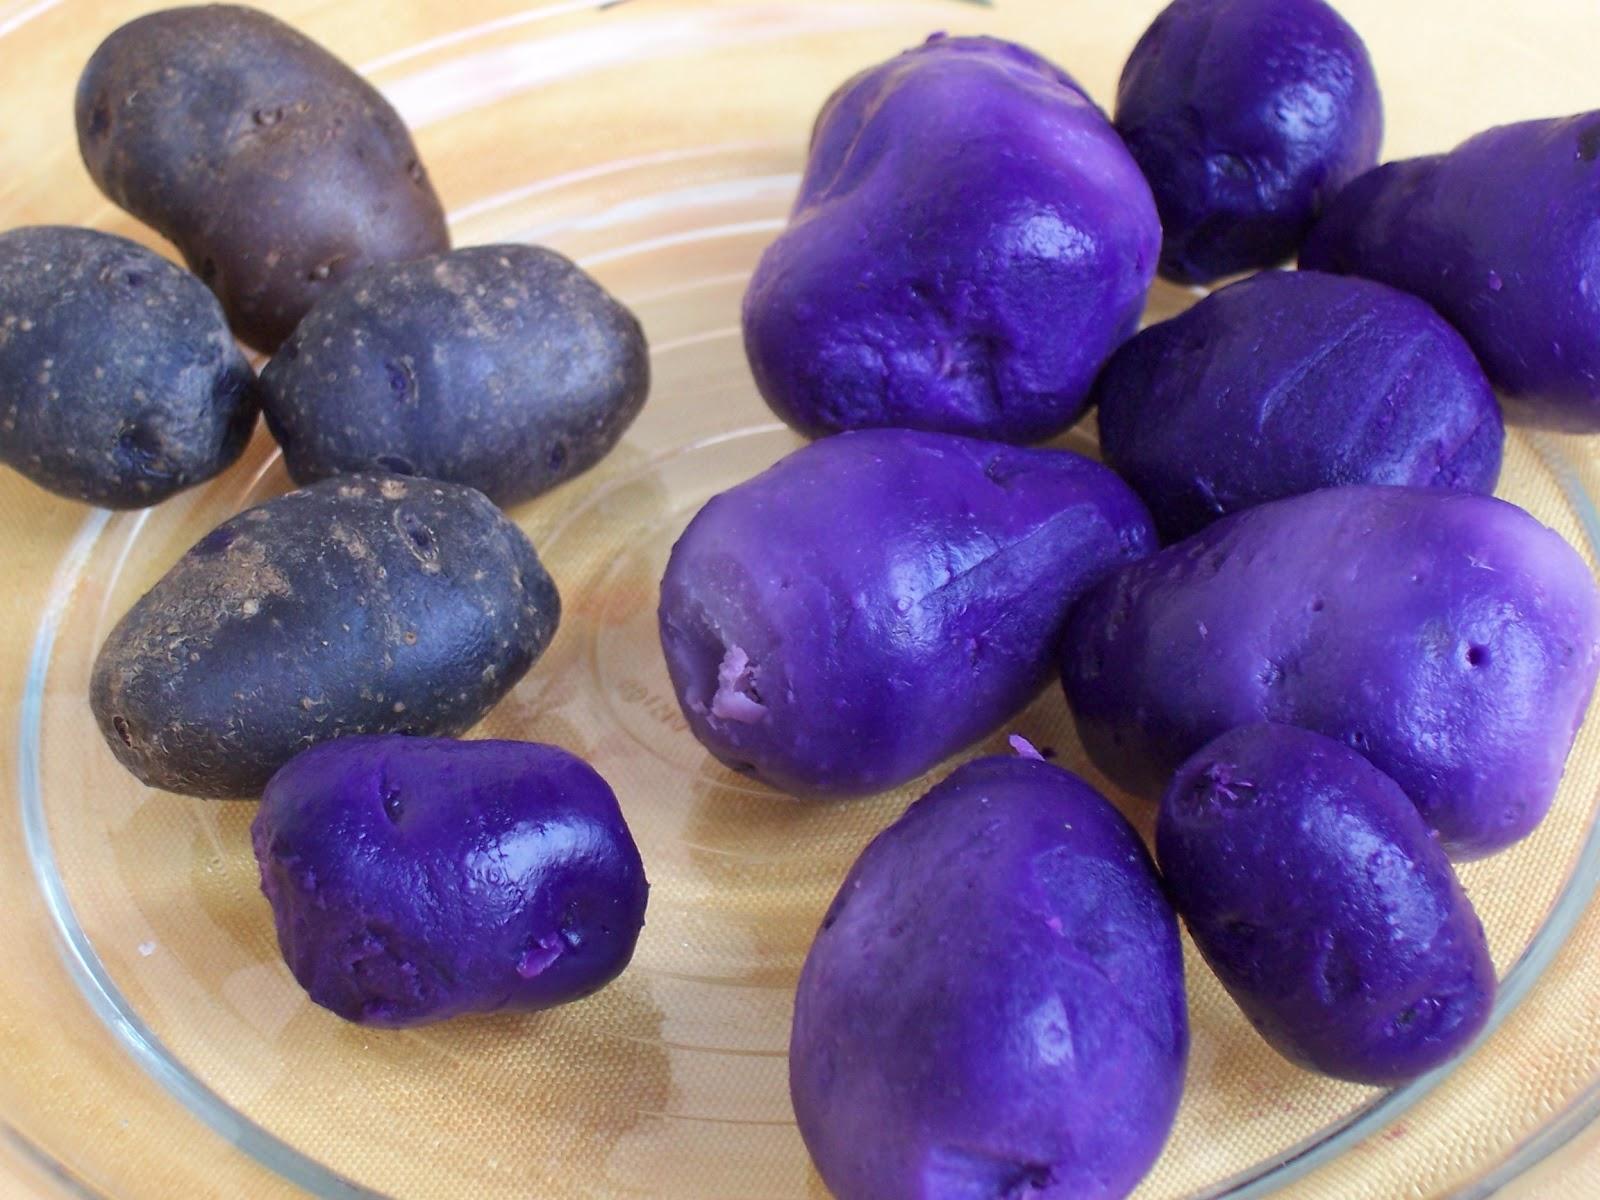 Original potato